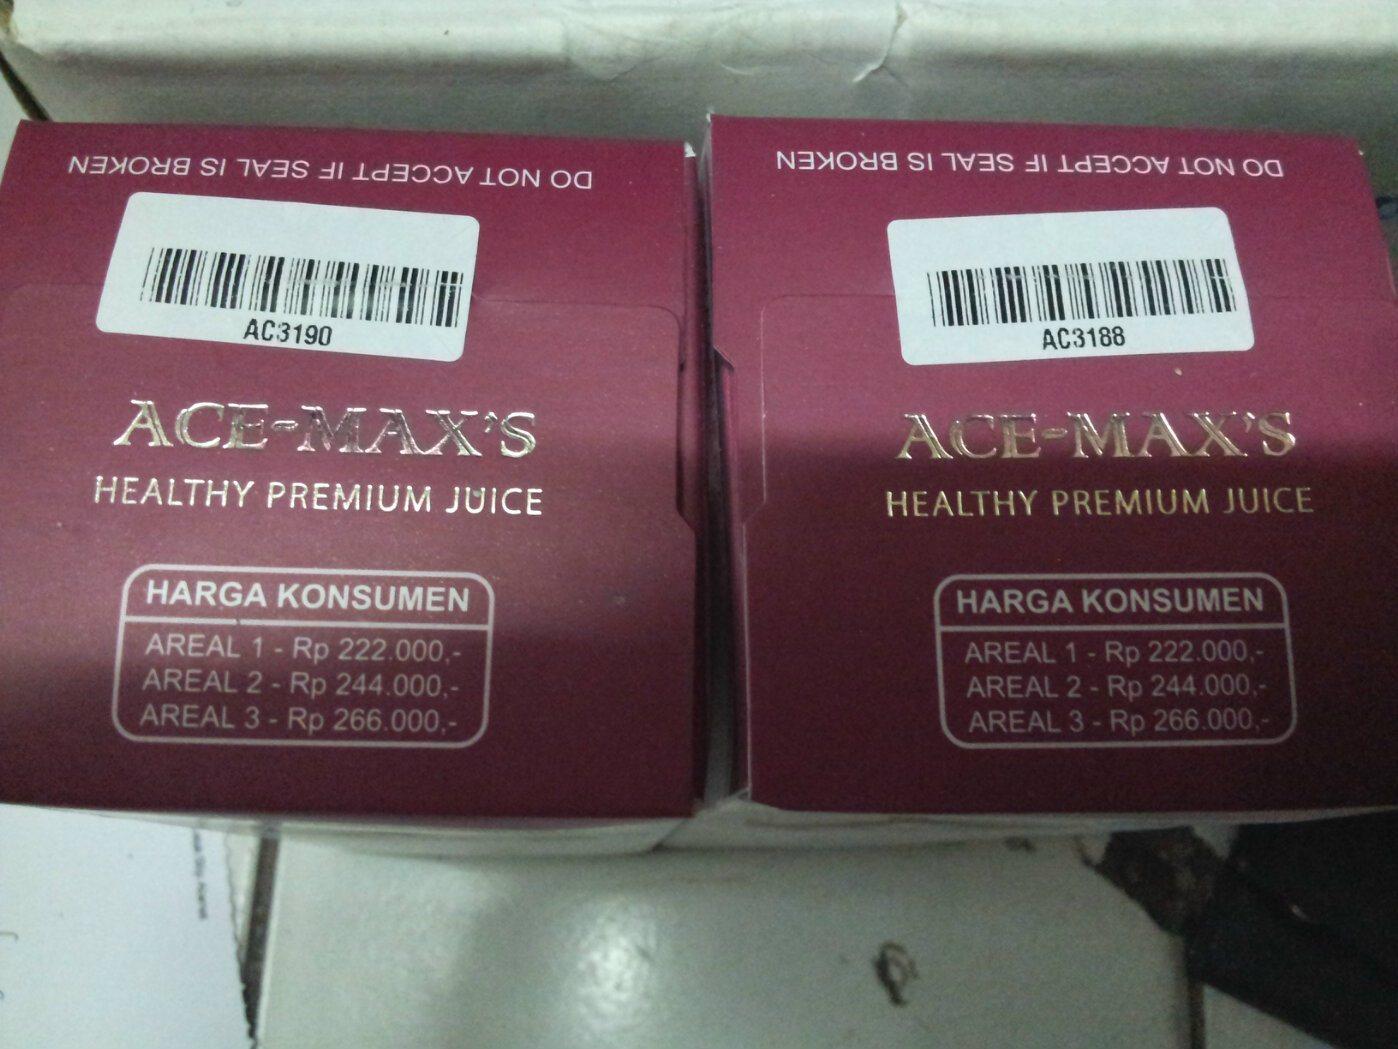 Buy Ace Max Original Deals For Only Rp149000 Instead Of Rp169900 Maxs Ekstra Kulit Manggis Dan Sirsak Adalah Produk Obat Herbal Alami Terbaik Dari Perpaduan Buah Daun Hasil Alam Indonesia Untuk Kesehatan Menyeluruh